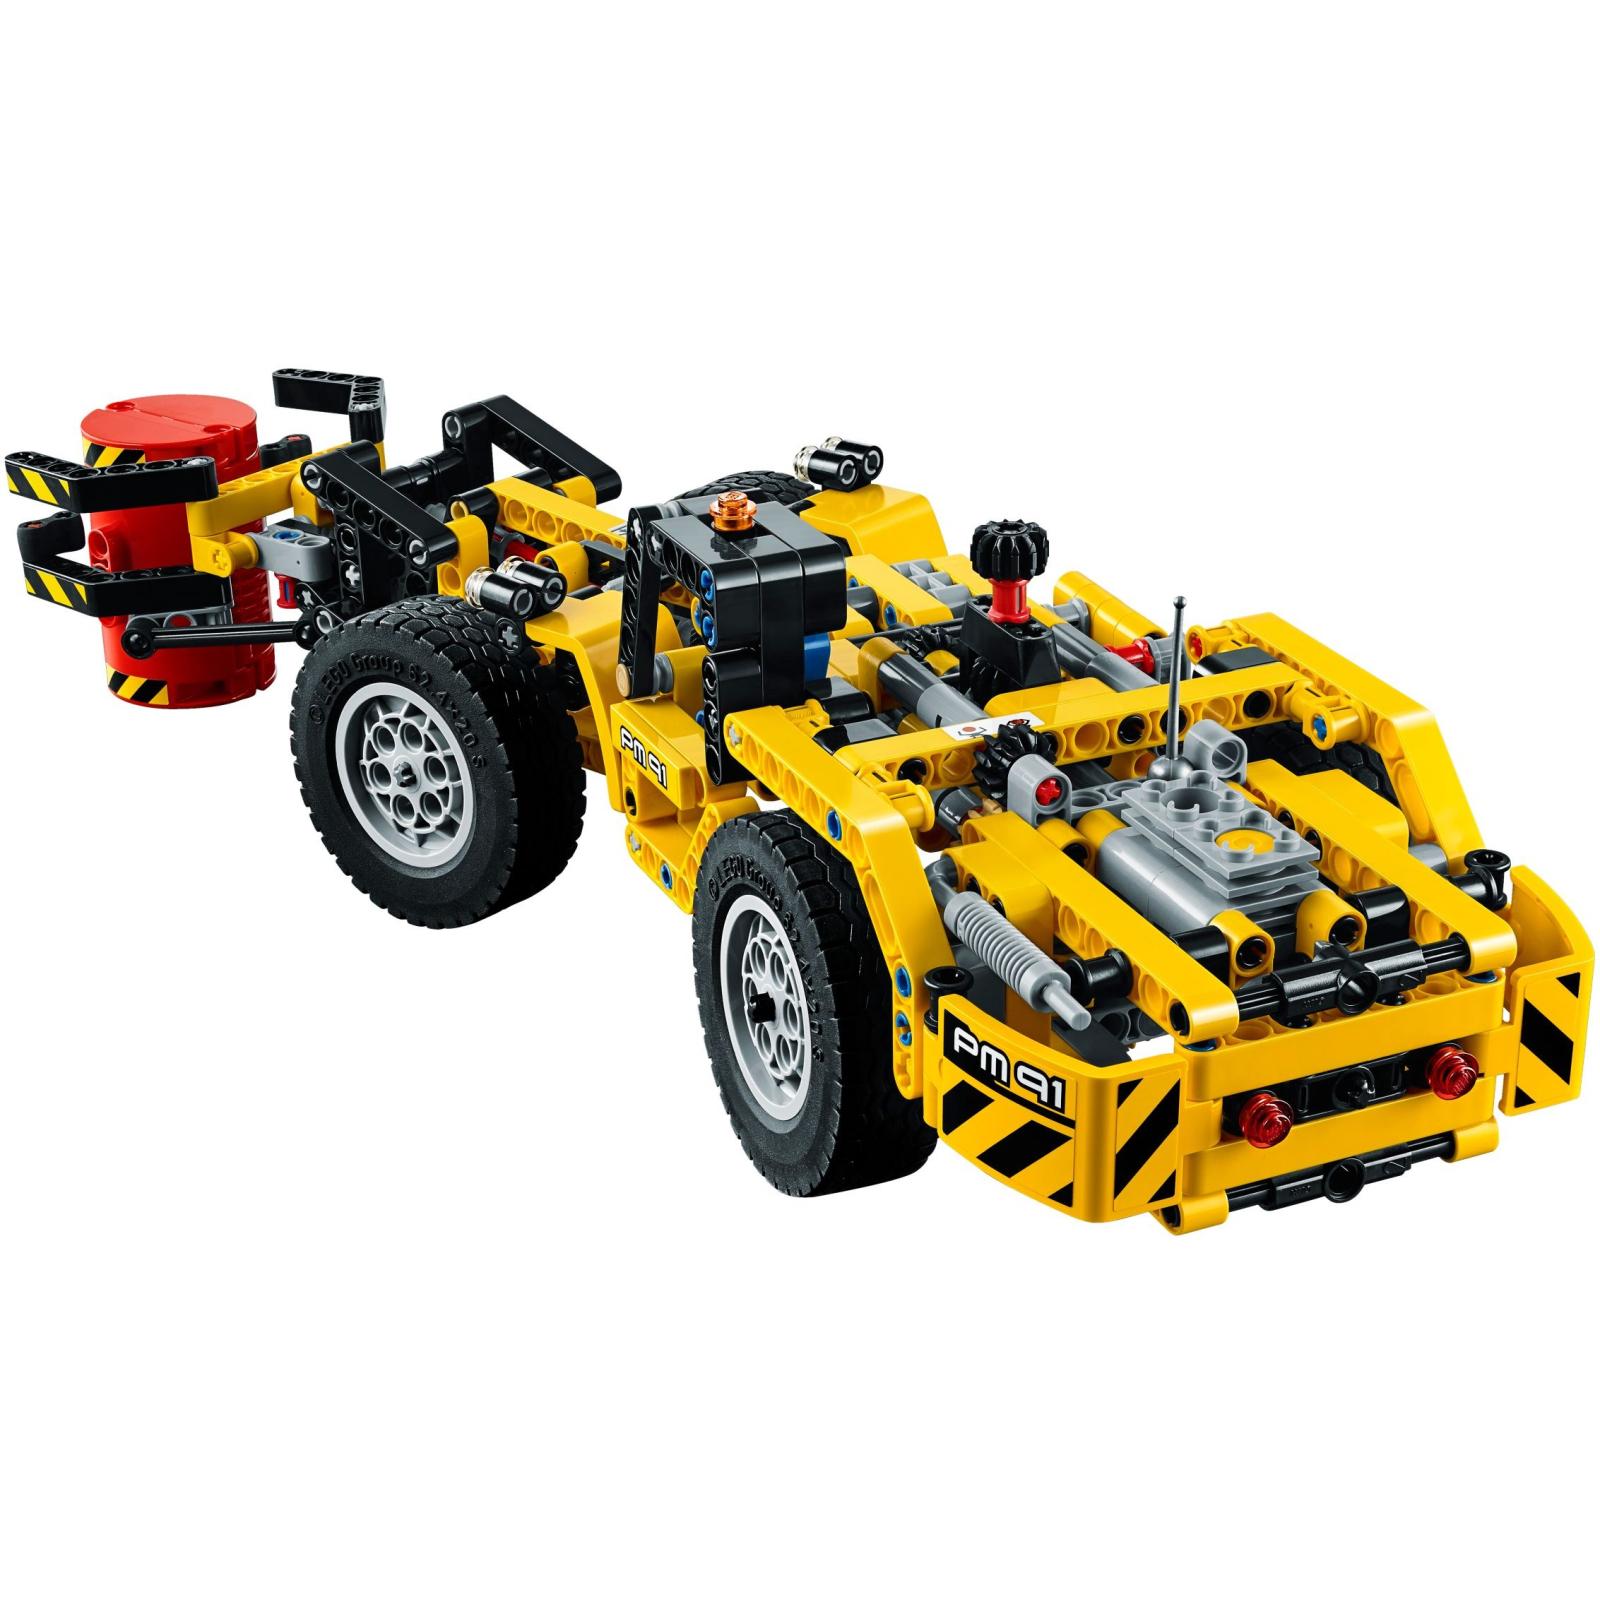 Конструктор LEGO Technic Карьерный погрузчик (42049) изображение 4